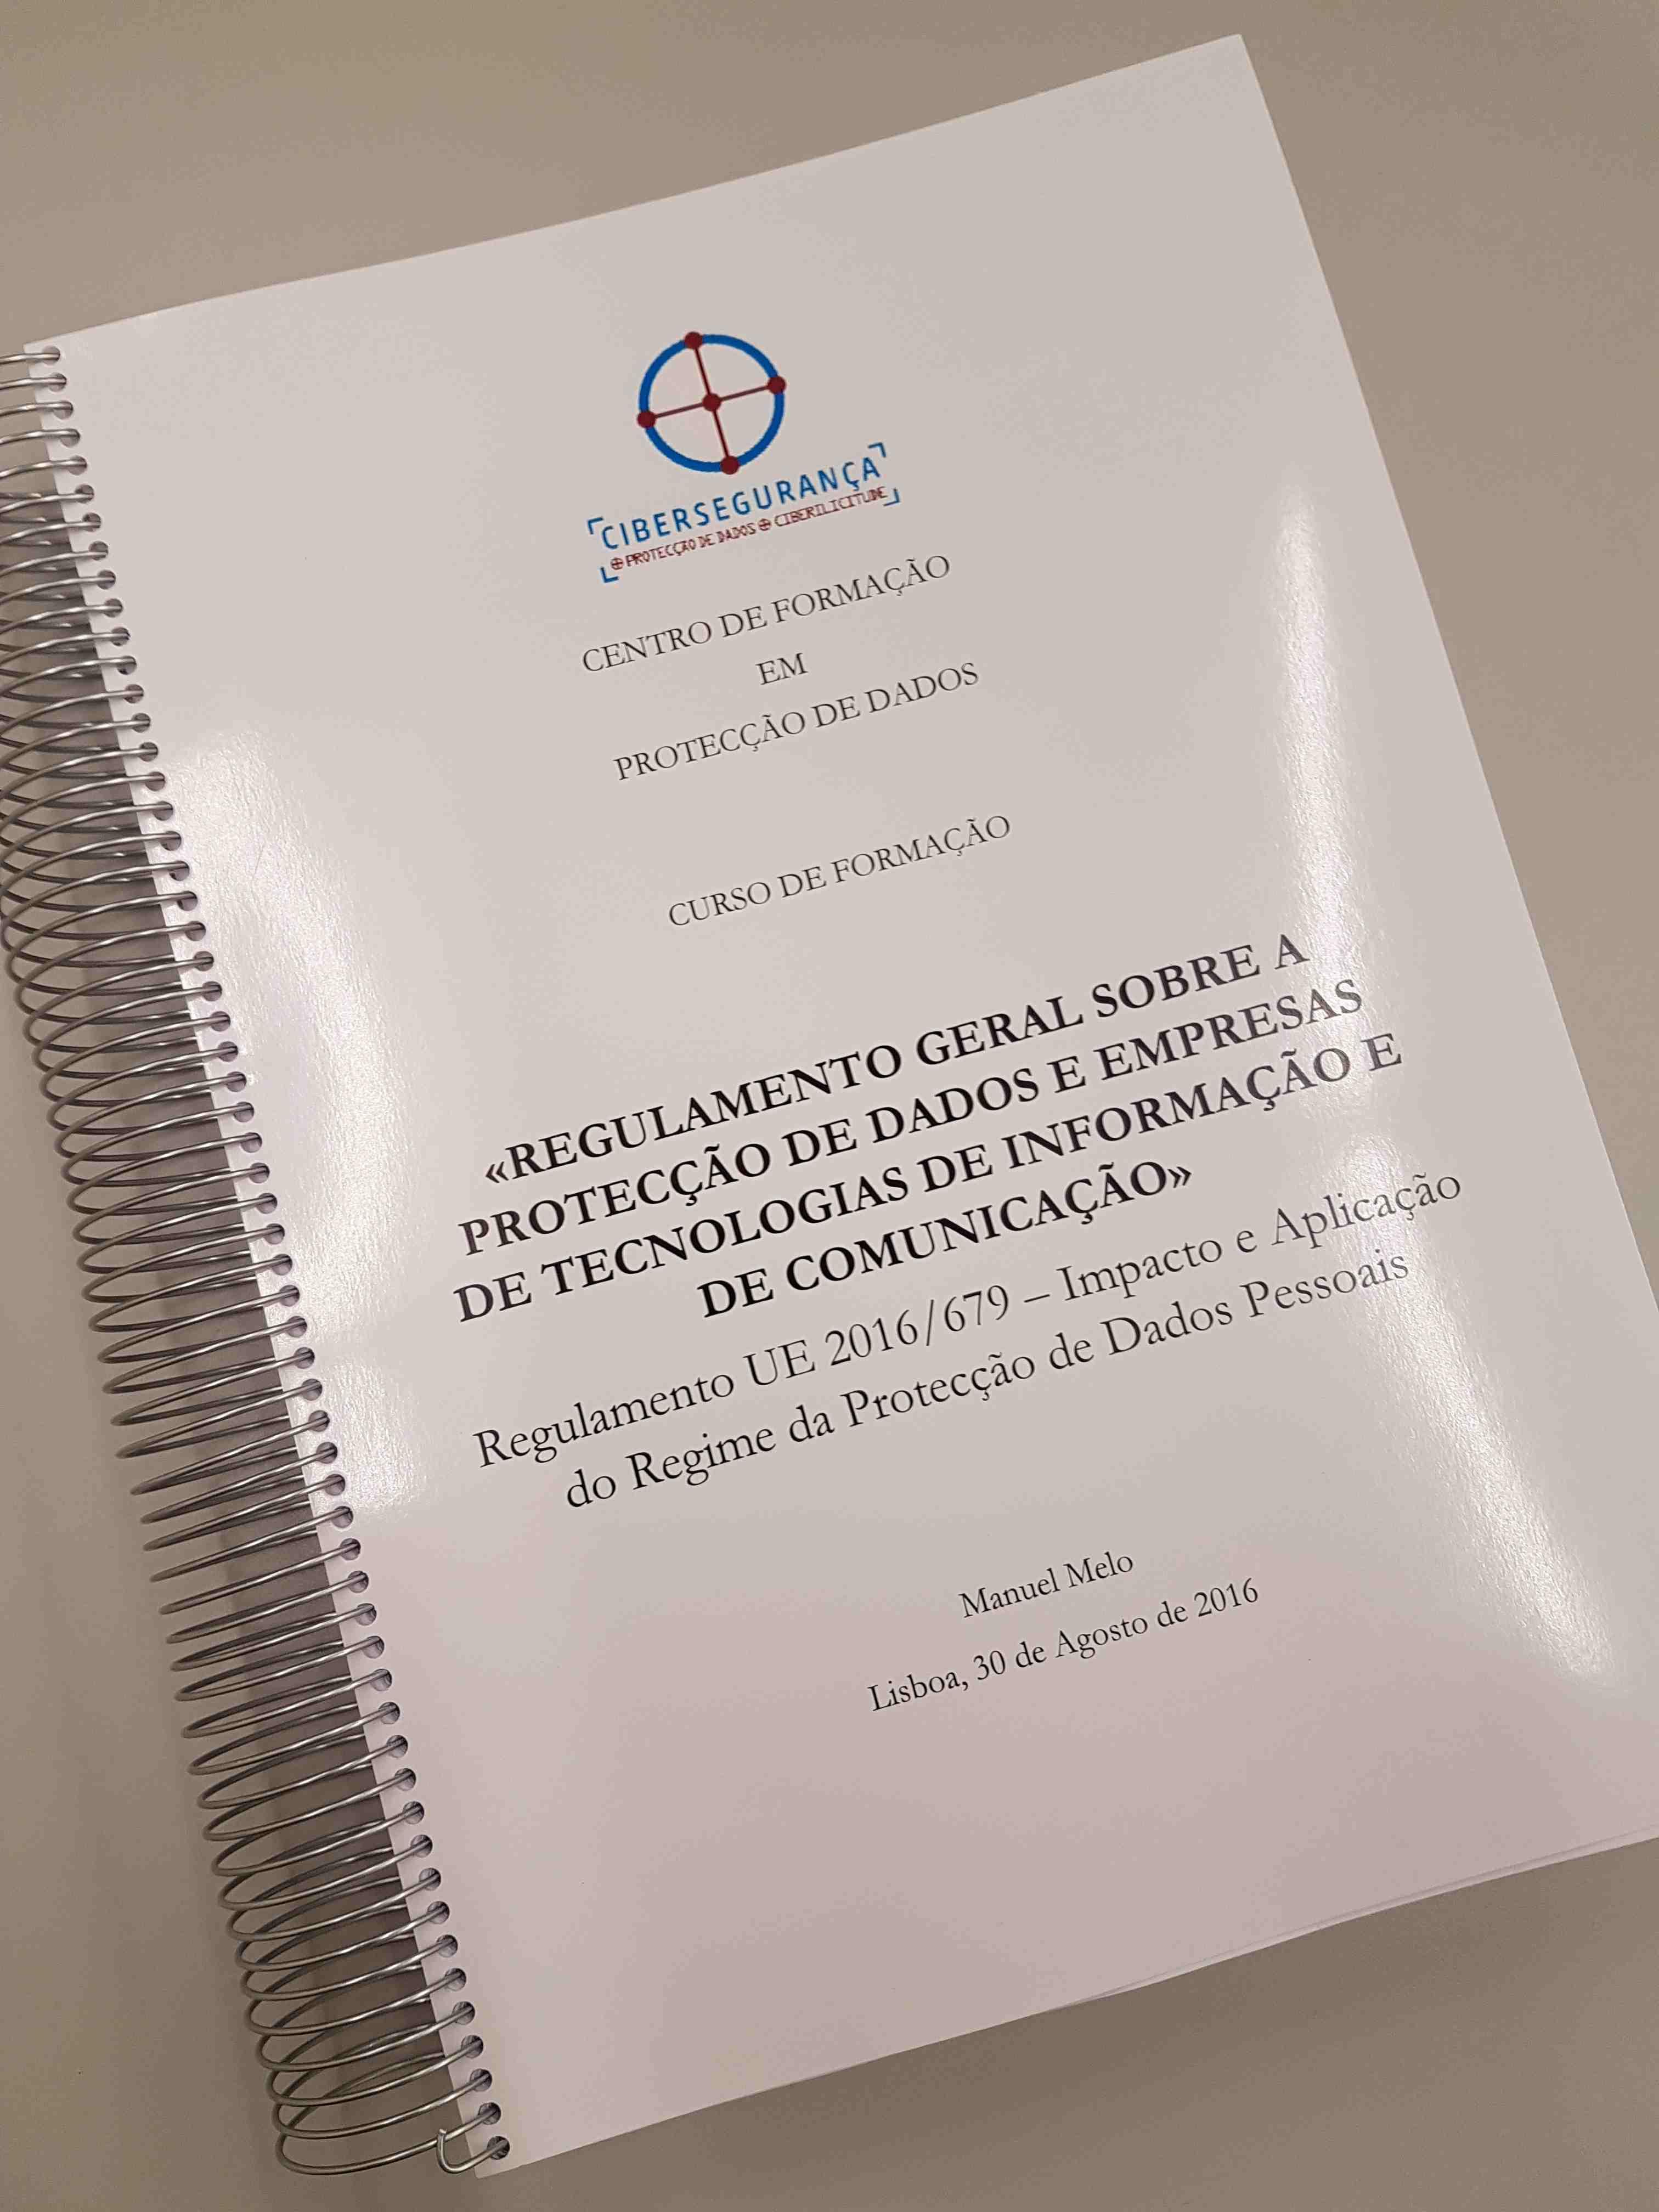 Manual do Curso Regulamento Protecção de Dados e Empresas de Tecnologias de Informação e da ComunicaçãoTICs